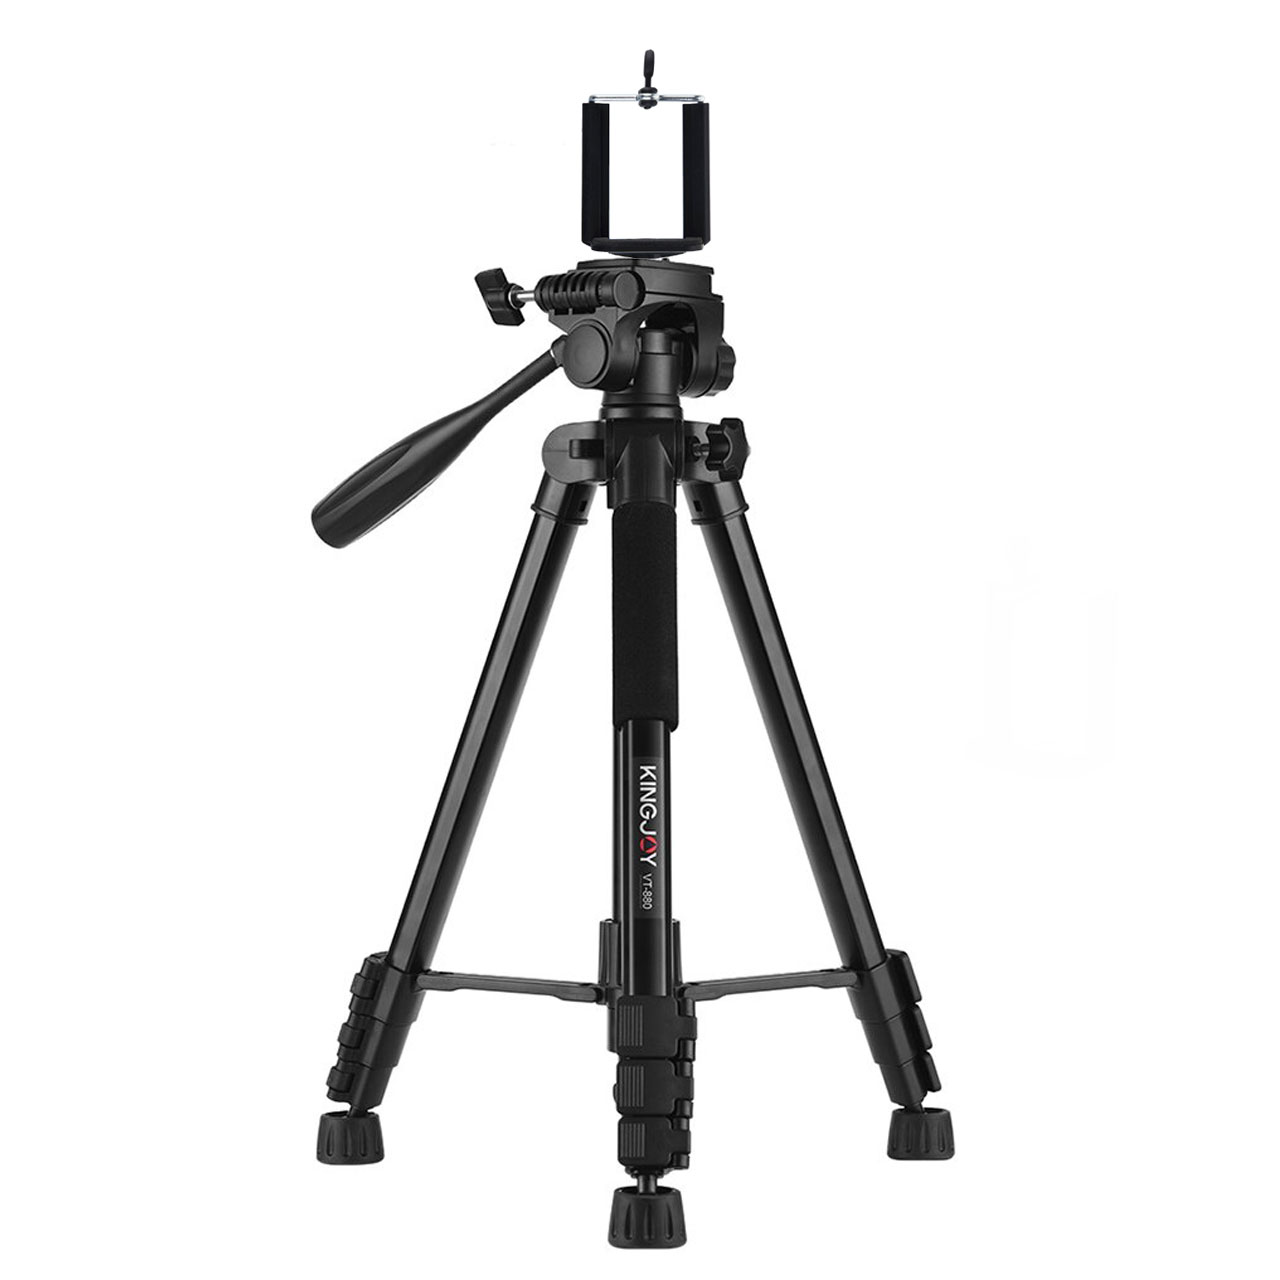 سه پایه دوربین کینگ جوی مدل VT-880